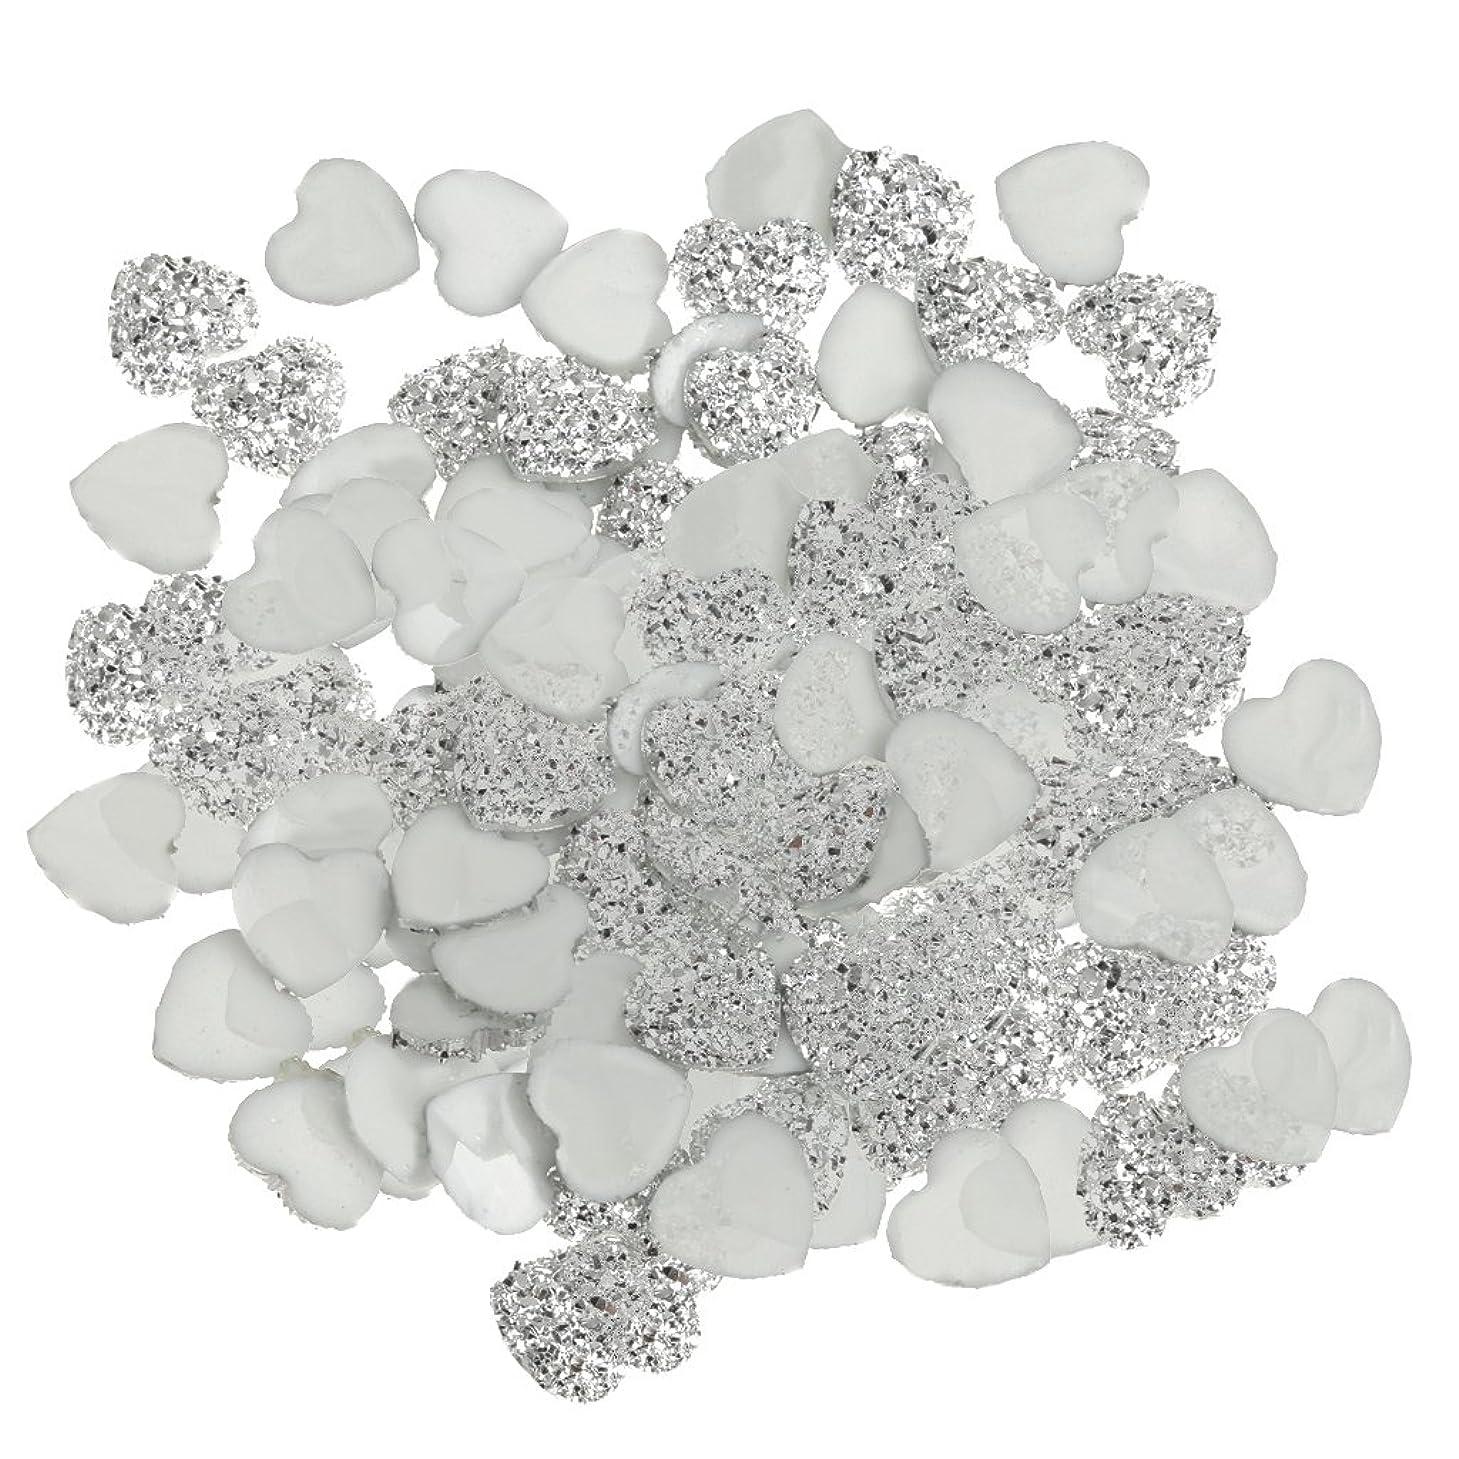 拡声器結果としてスチュアート島SONONIA DIY スクラップブッキング用 100個 銀 樹脂 ラインストーン ハート型 ビーズ 装飾